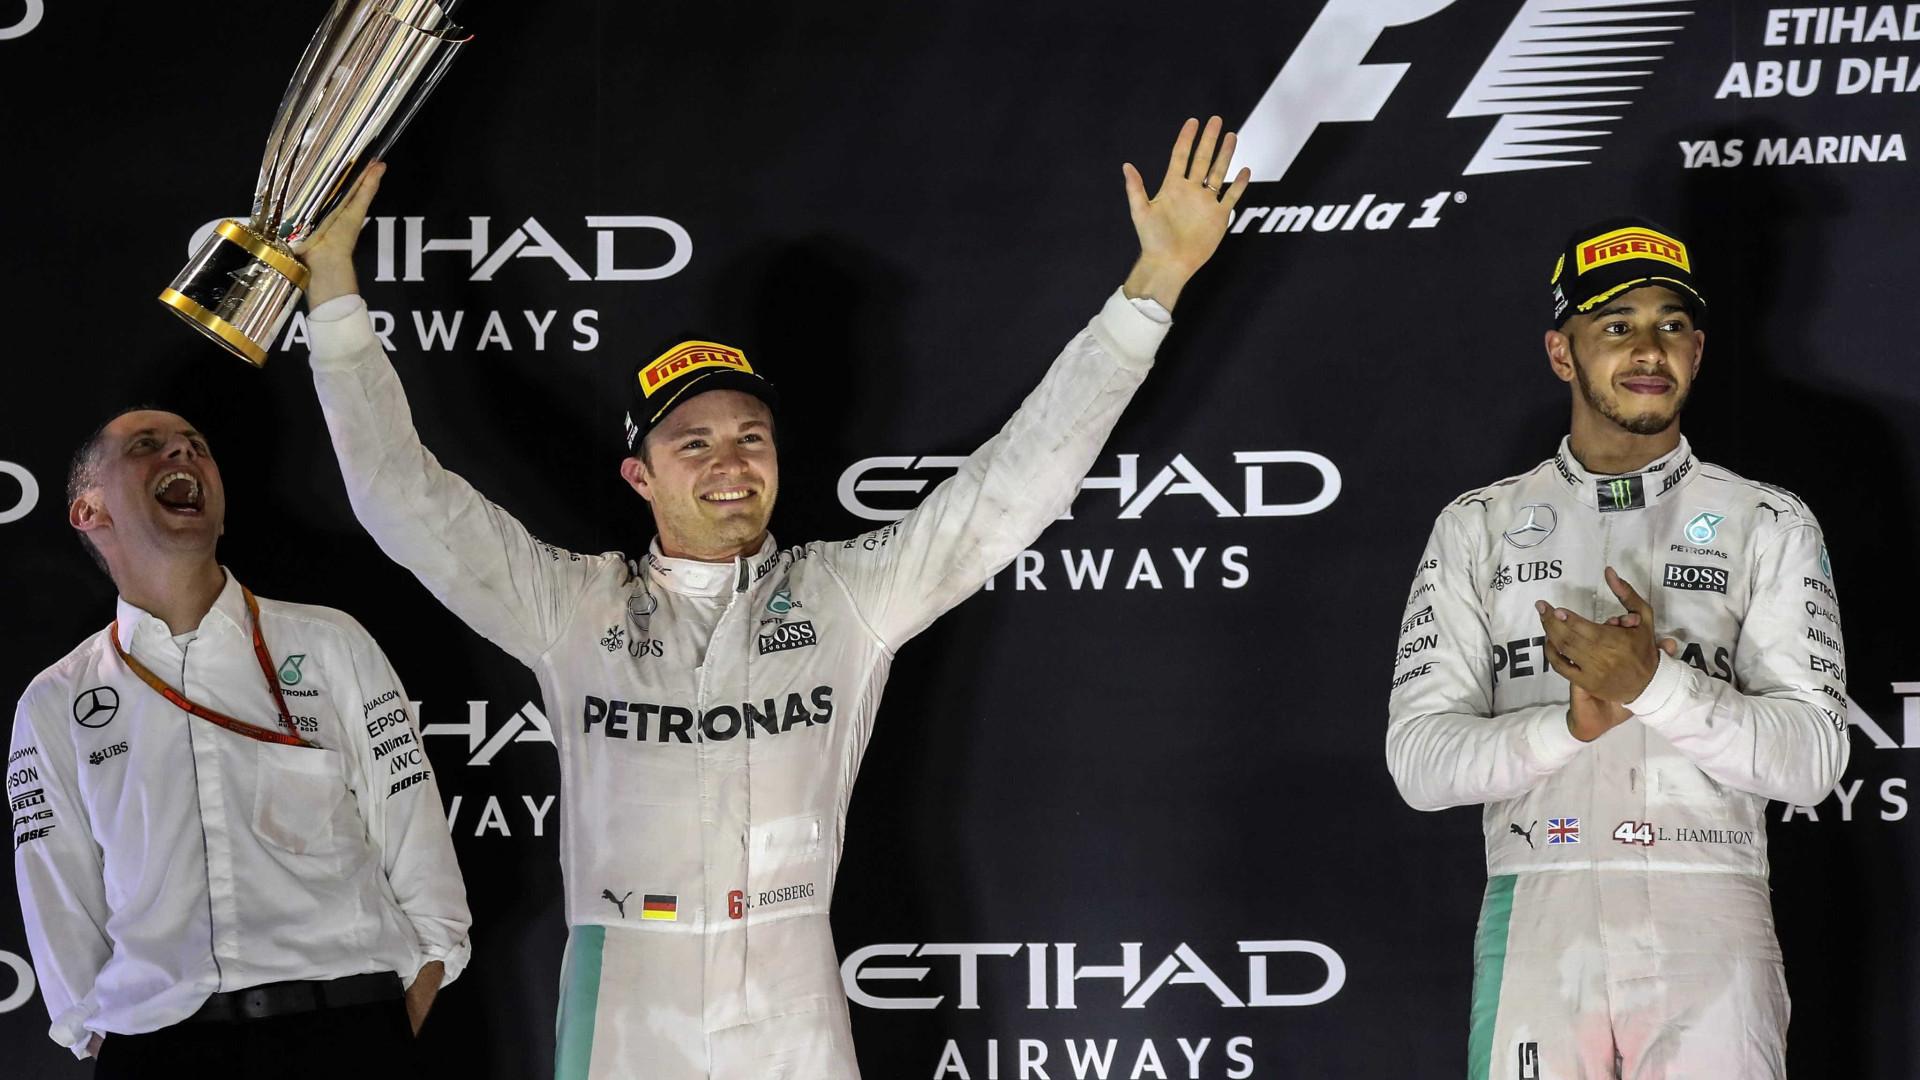 Nico Rosberg admite relação conturbada com Lewis Hamilton